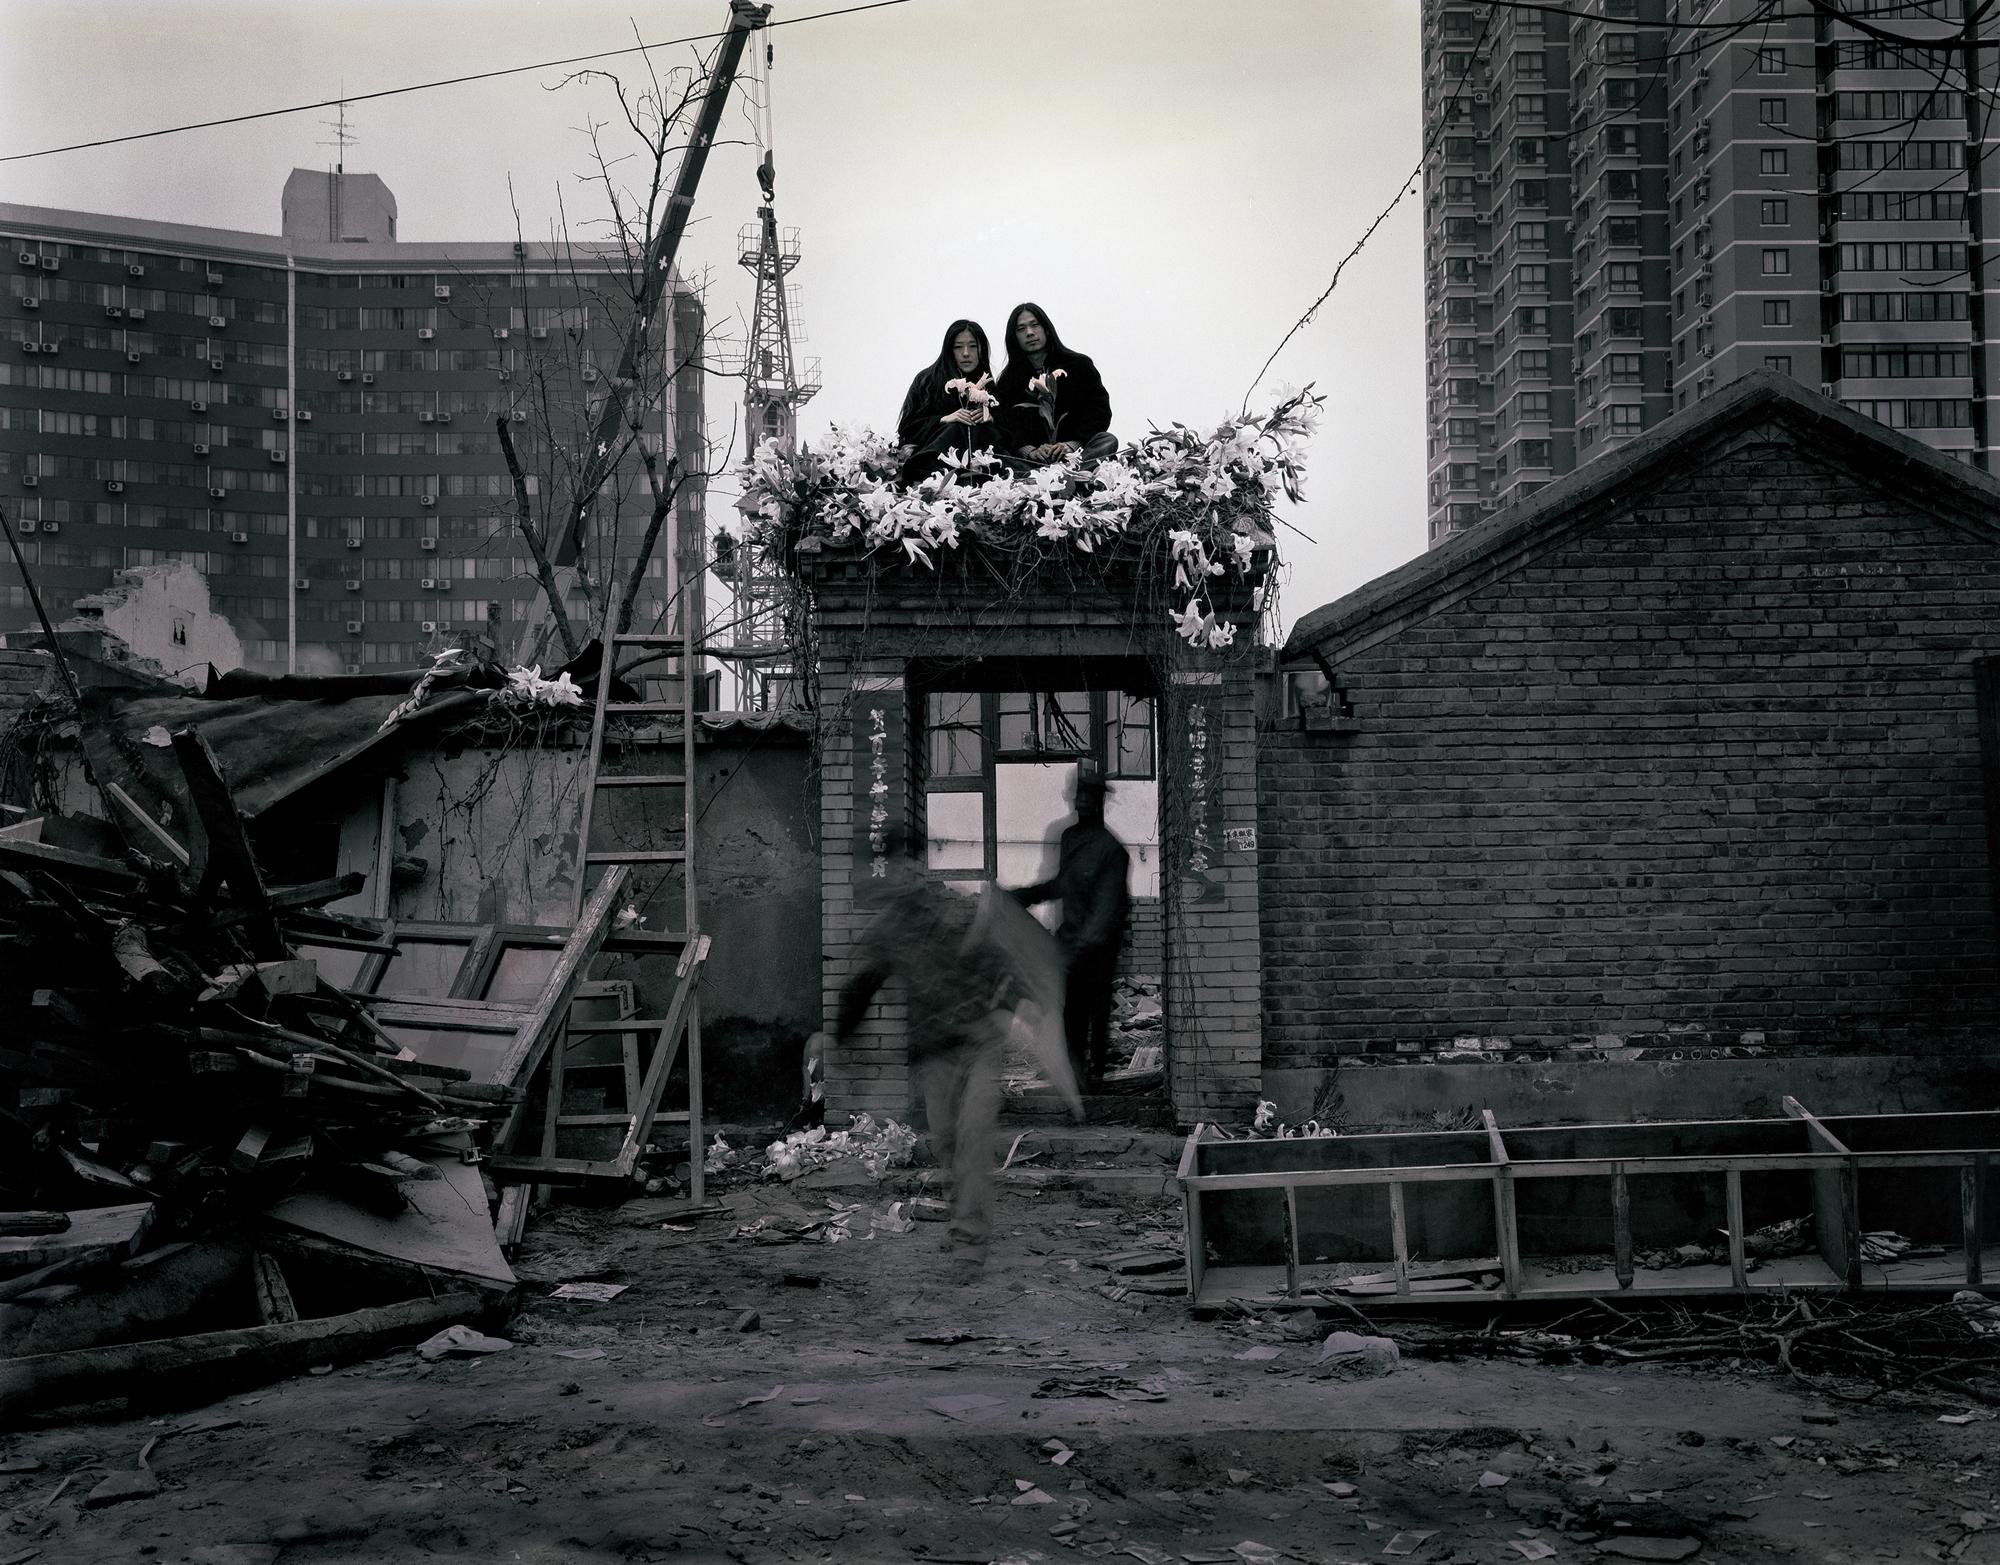 荣荣&映里,《六里屯》系列,2003